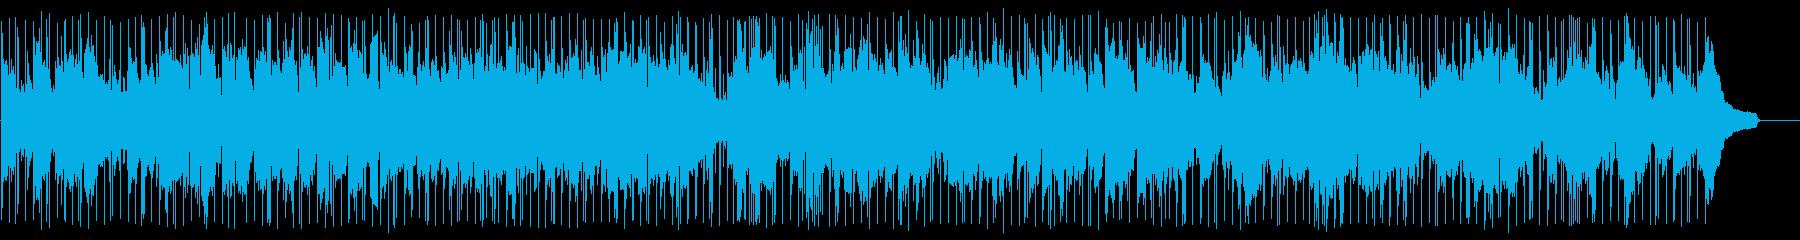 平凡な日々のスムースジャズの再生済みの波形